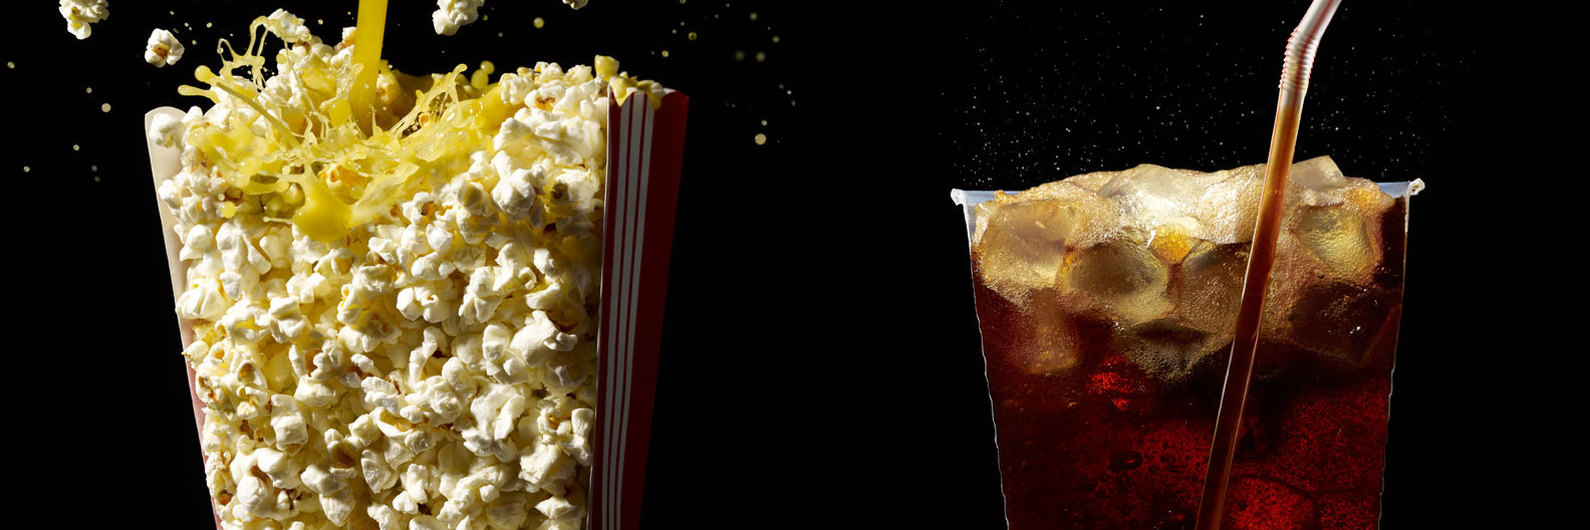 """Beth Galton, a fotógrafa a quem já chamaram a """"guilhotina"""" dos alimentos"""